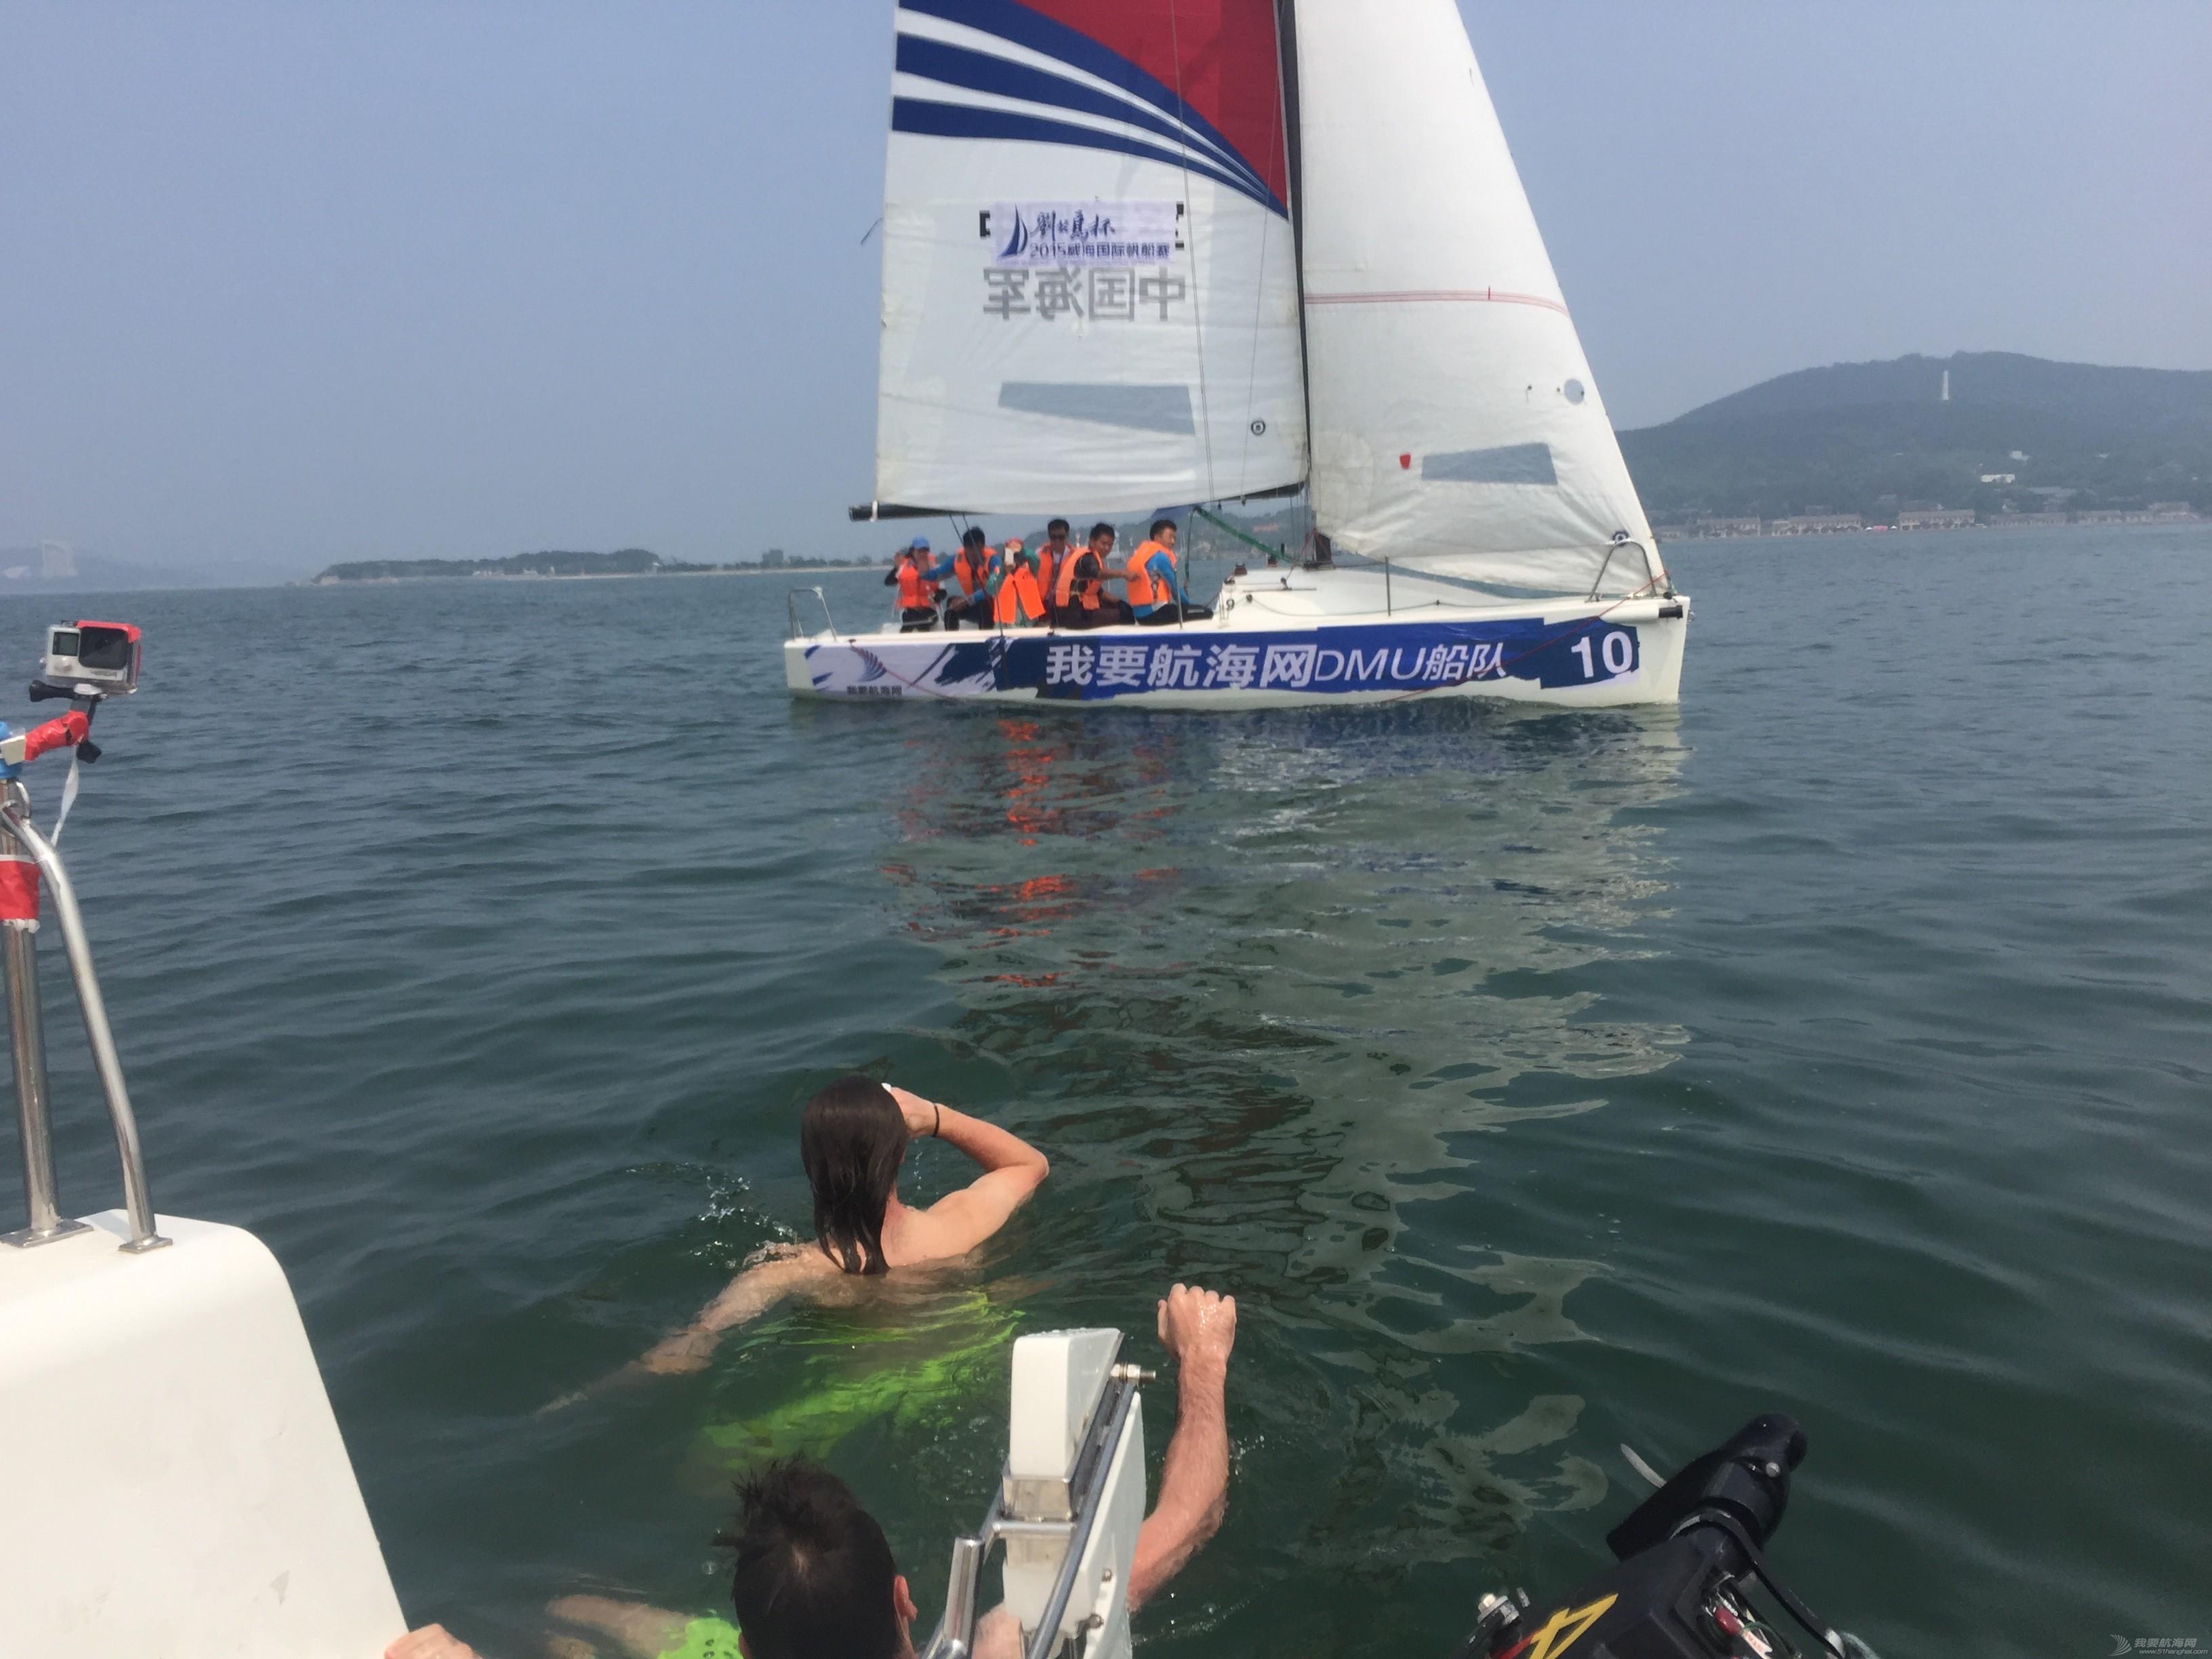 美国,朋友,帆船,国际,威海 帆船初体验——记参加威海杯国际帆船赛 友好打招呼